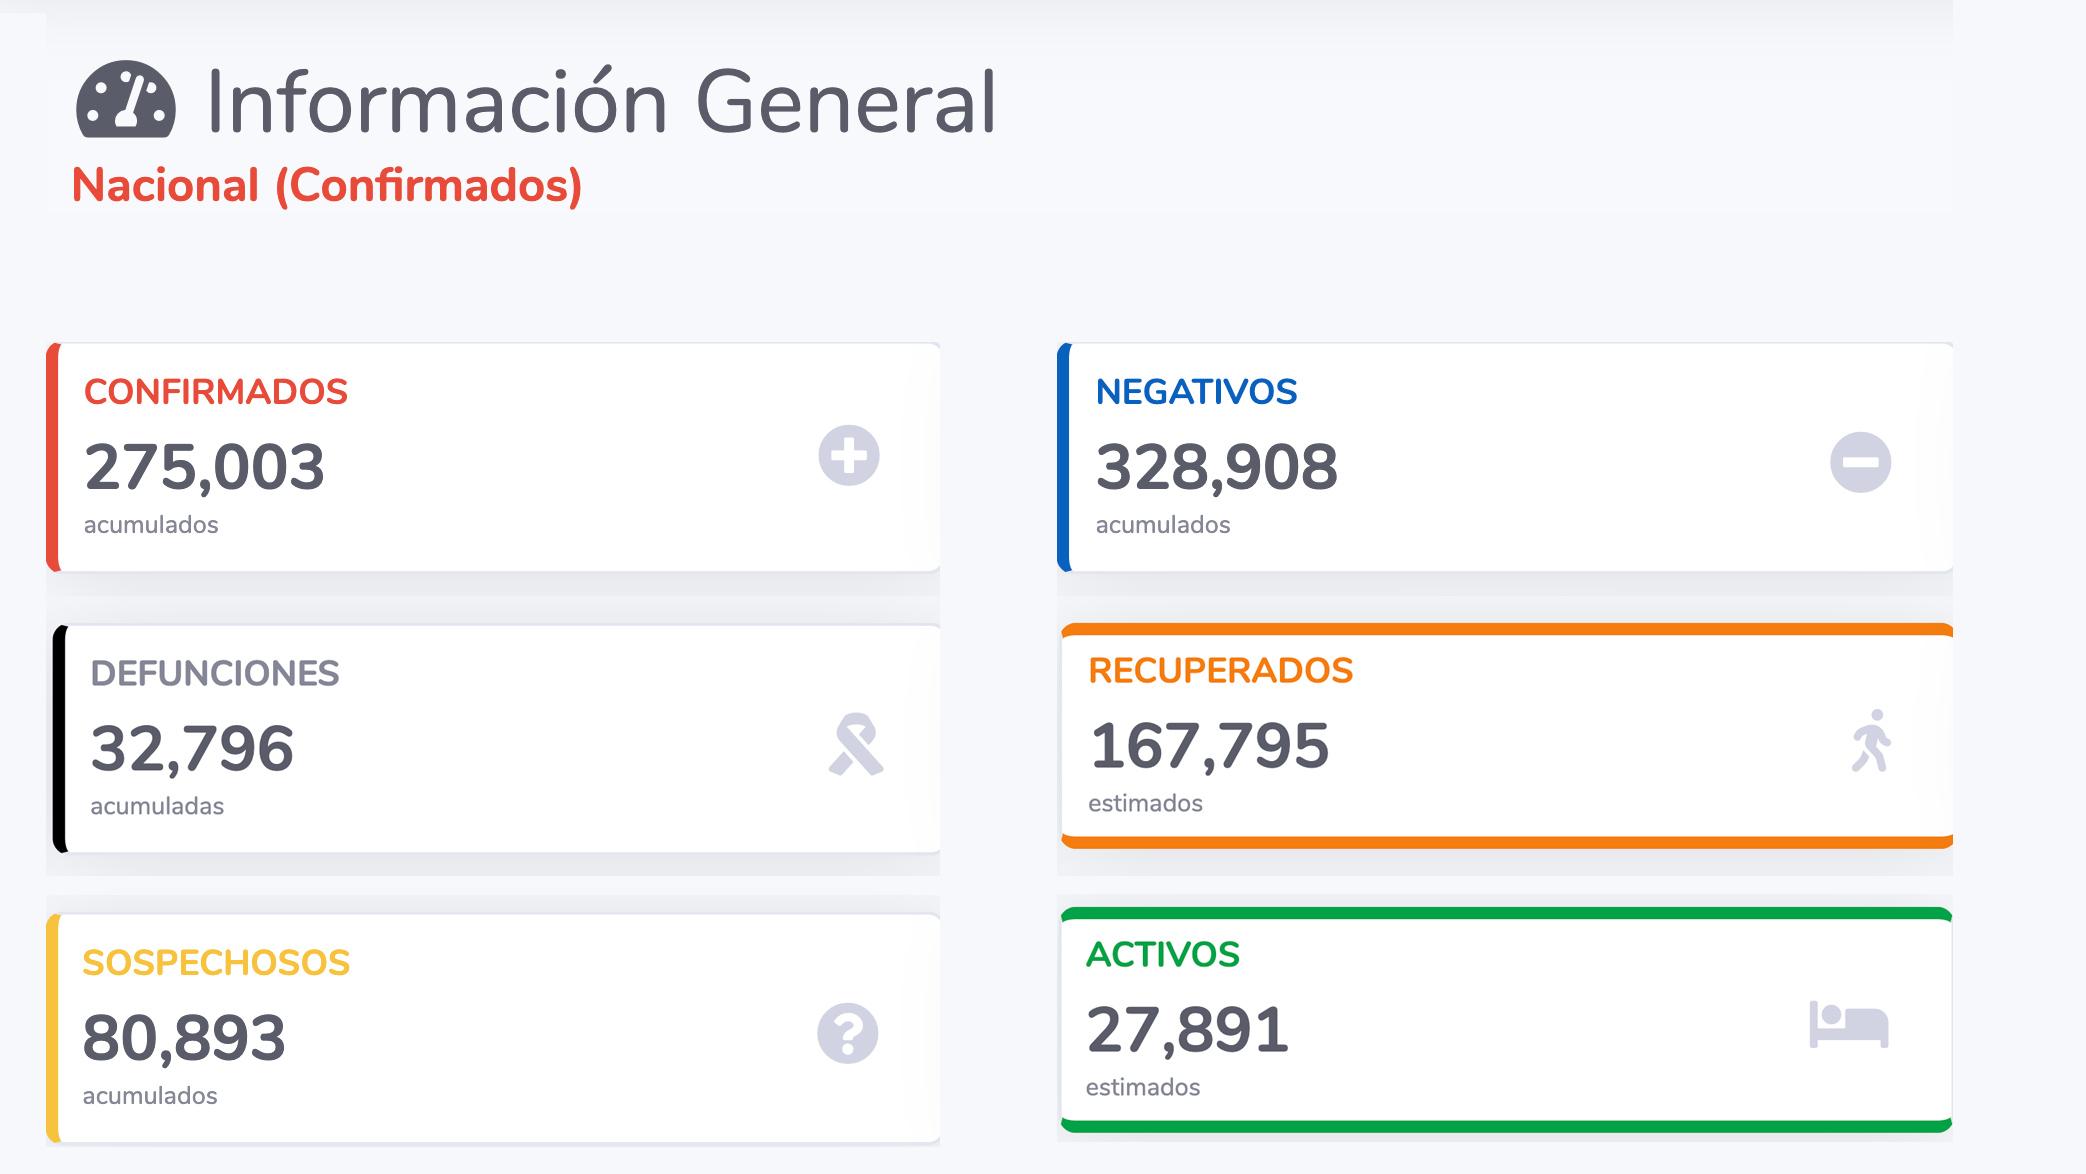 EN MÉXICO MÁS DE 167 MIL PERSONAS SE HAN REUPERADO DE COVID-19